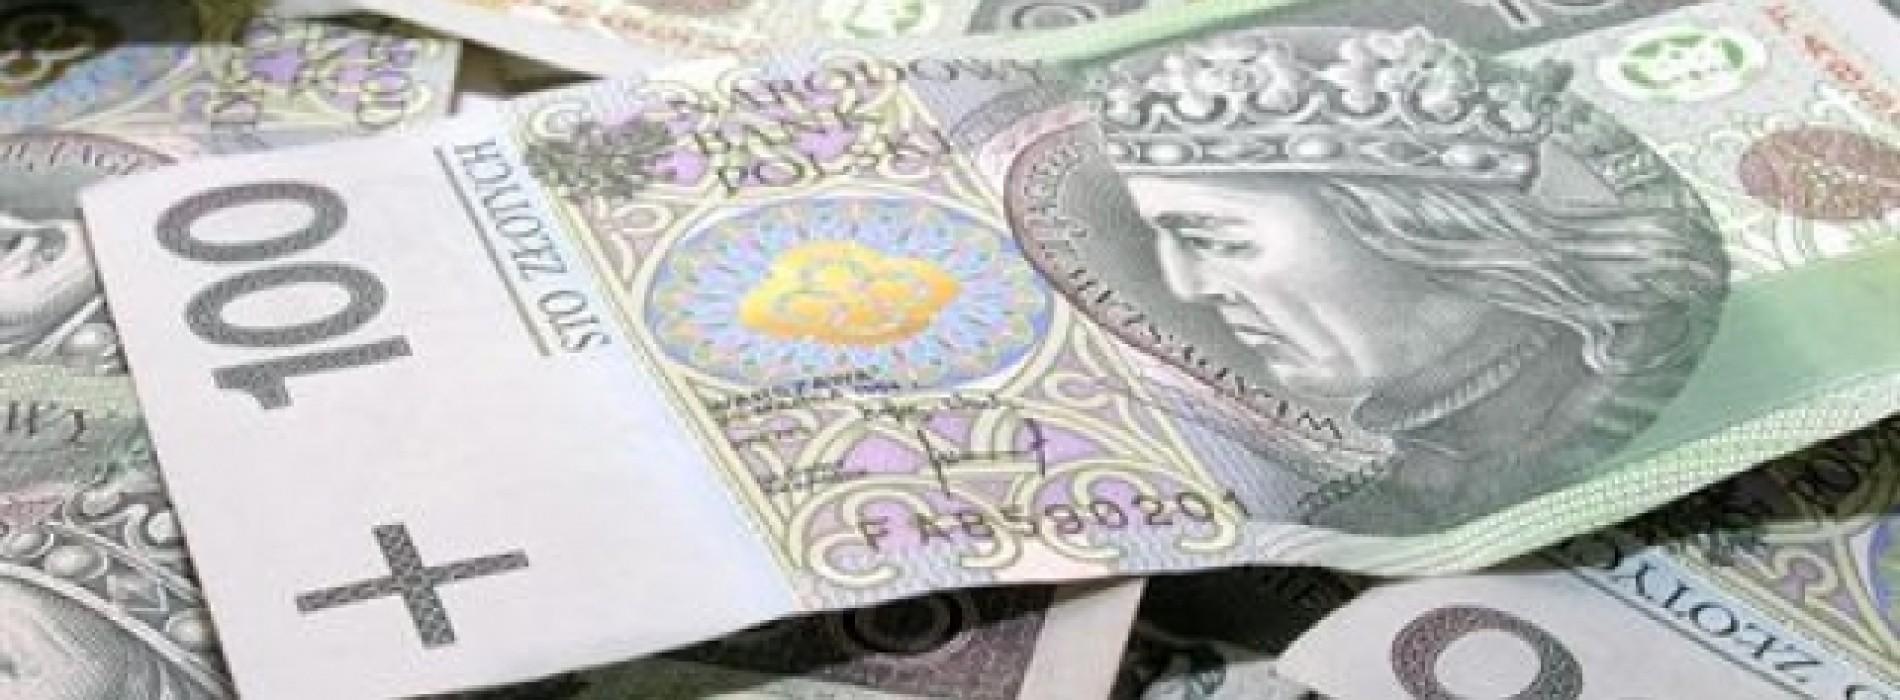 Obligacje podporządkowane mogą być pożyteczne